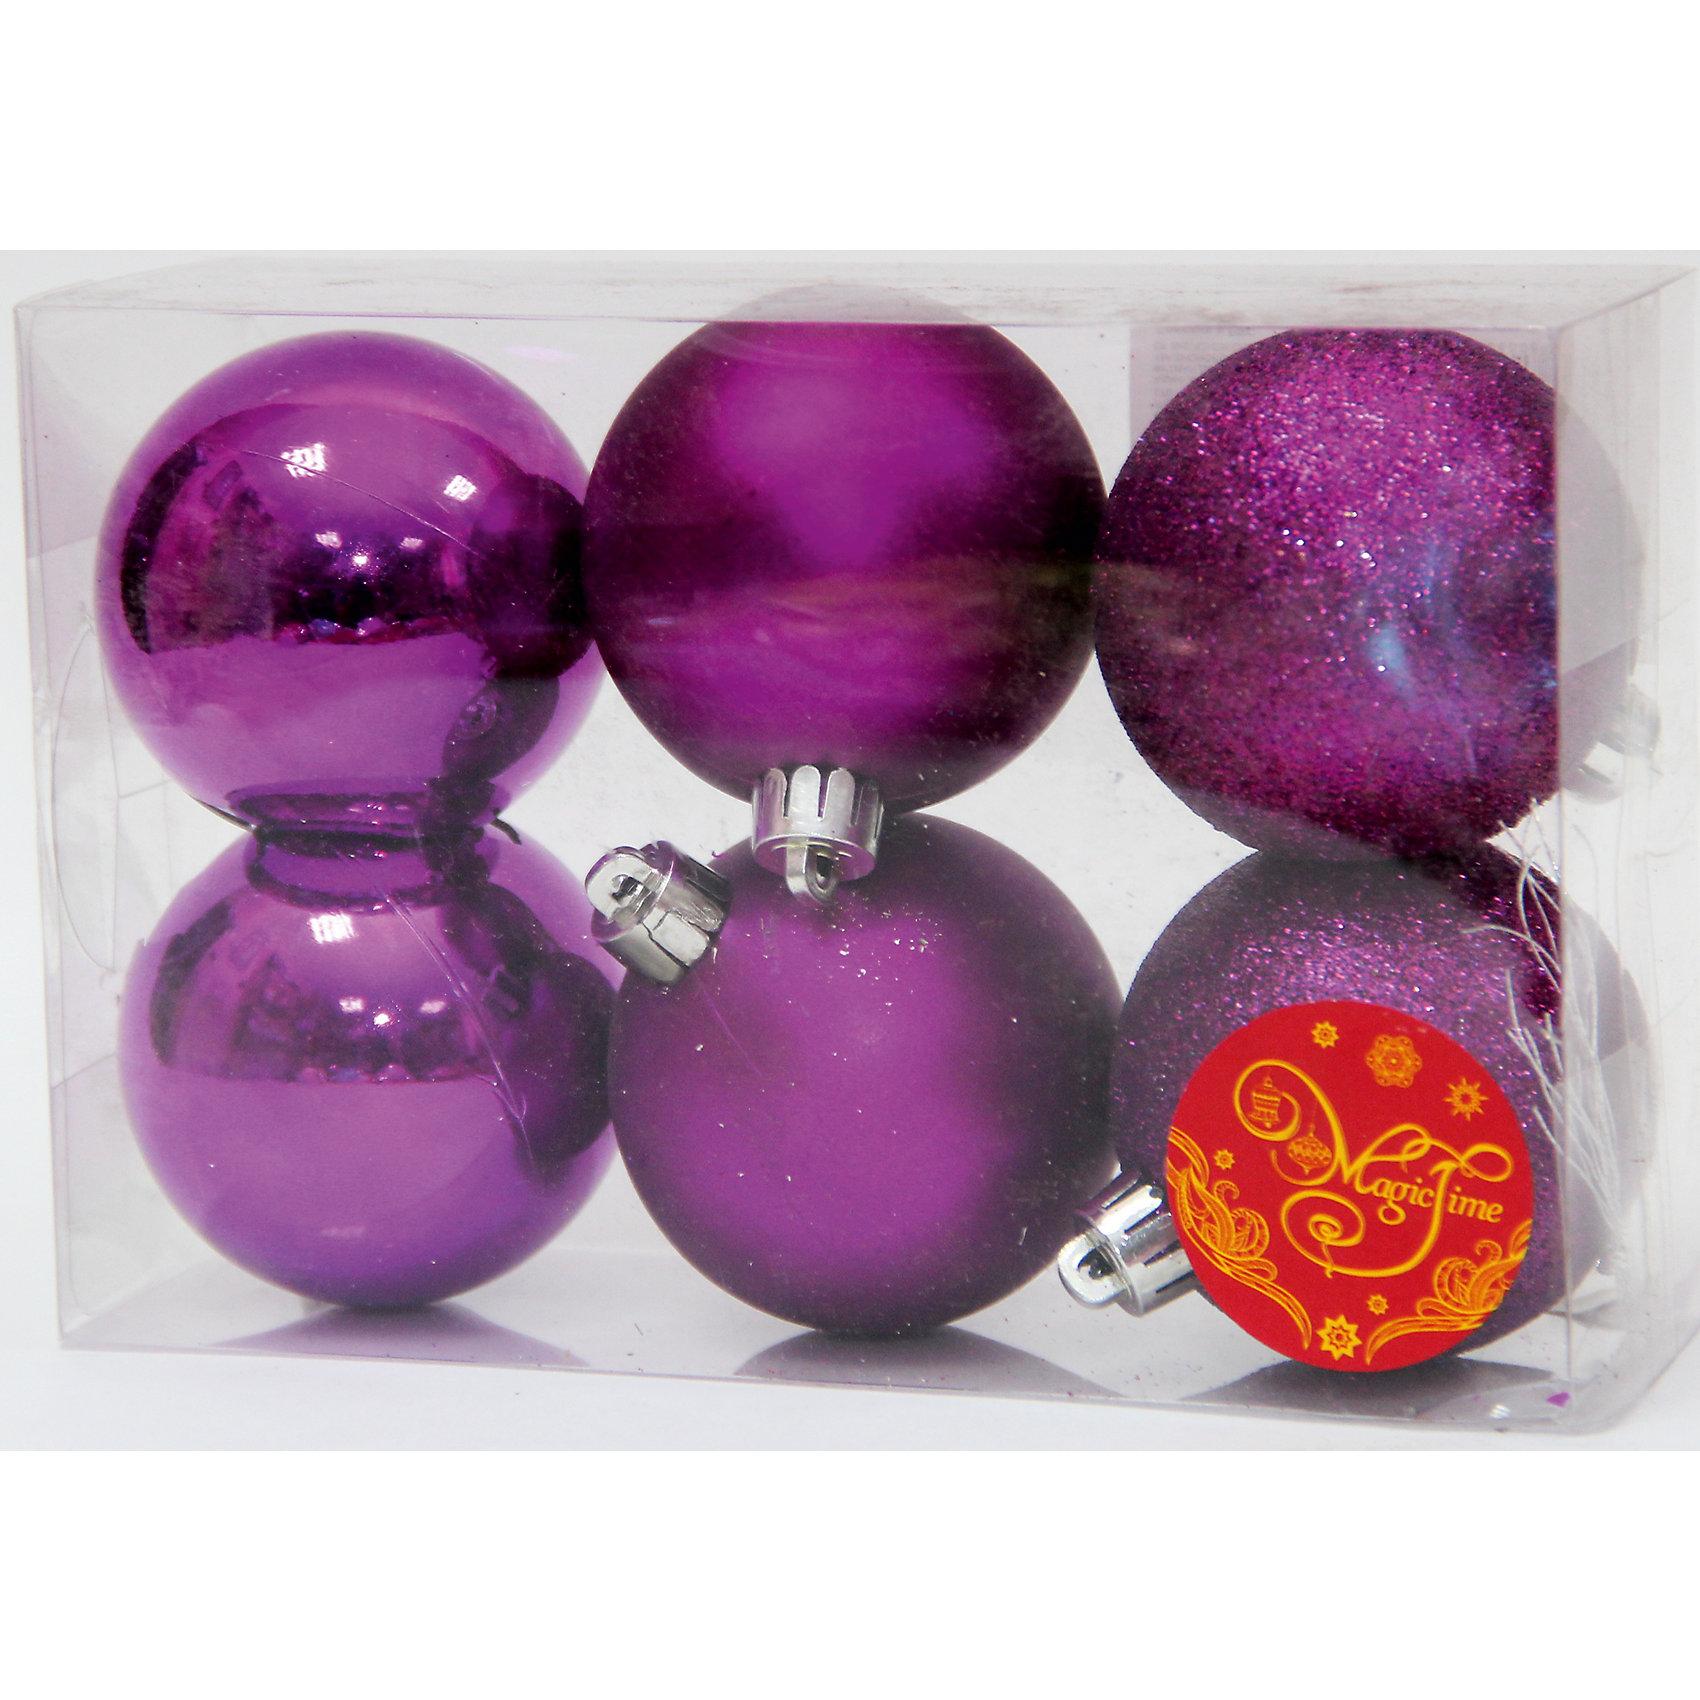 Набор шаров Пурпурный блеск 6 штНабор шаров Пурпурный блеск 6 шт – этот набор принесет в ваш дом ни с чем несравнимое ощущение праздника!<br>Набор новогодних подвесных украшений Пурпурный блеск прекрасно подойдет для праздничного декора вашей ели. Набор состоит из 6 шаров пурпурного цвета, изготовленных из полистирола - 2 матовых, 2 глянцевых, 2 покрытых глиттером. Для удобного размещения на елке для каждого шара предусмотрена петелька. Елочная игрушка - символ Нового года. Она несет в себе волшебство и красоту праздника. Создайте в своем доме атмосферу веселья и радости, украшая новогоднюю елку нарядными игрушками, которые будут из года в год накапливать теплоту воспоминаний. Откройте для себя удивительный мир сказок и грез. Почувствуйте волшебные минуты ожидания праздника, создайте новогоднее настроение вашим близким.<br><br>Дополнительная информация:<br><br>- В наборе: 6 шаров<br>- Материал: полистирол<br>- Цвет: пурпурный<br>- Размер упаковки: 12 х 6 х 5 см.<br><br>Набор шаров Пурпурный блеск 6 шт можно купить в нашем интернет-магазине.<br><br>Ширина мм: 300<br>Глубина мм: 250<br>Высота мм: 100<br>Вес г: 560<br>Возраст от месяцев: 36<br>Возраст до месяцев: 2147483647<br>Пол: Унисекс<br>Возраст: Детский<br>SKU: 4981539